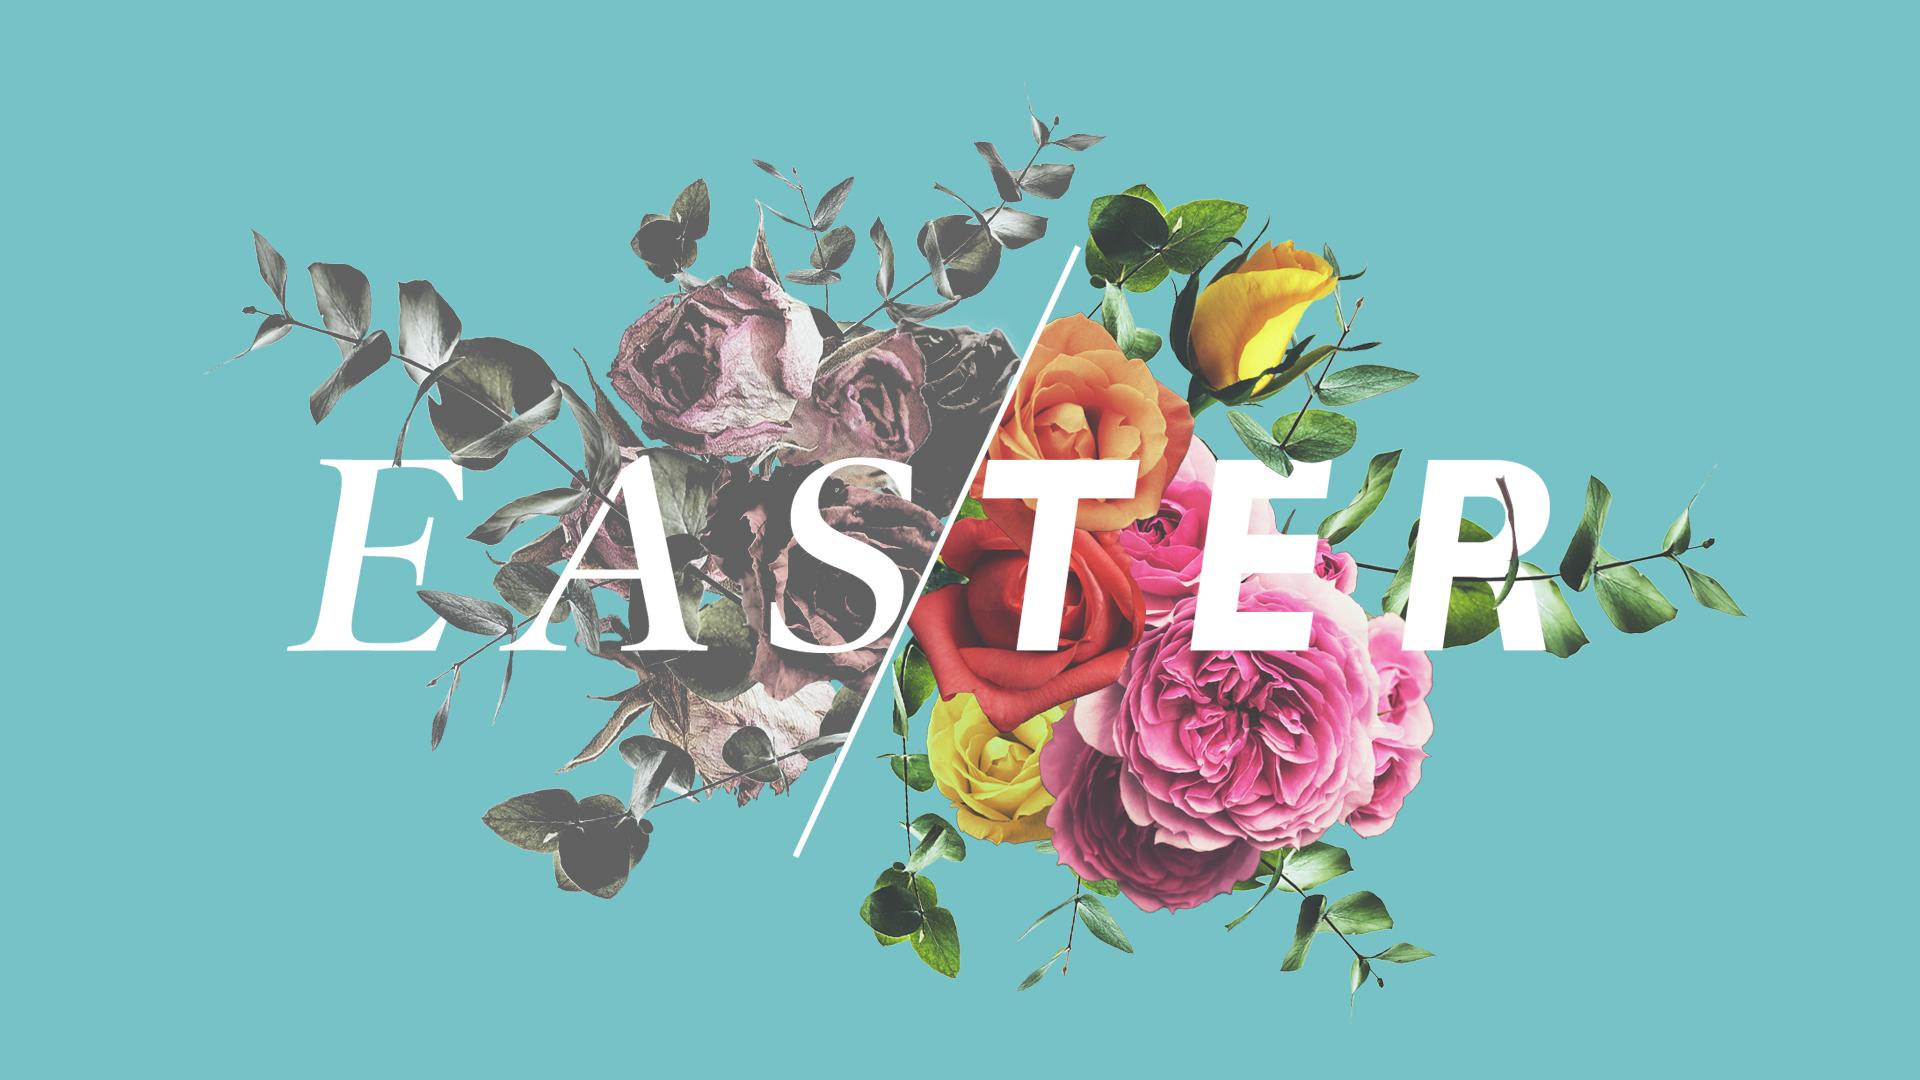 Easter20-titleslide